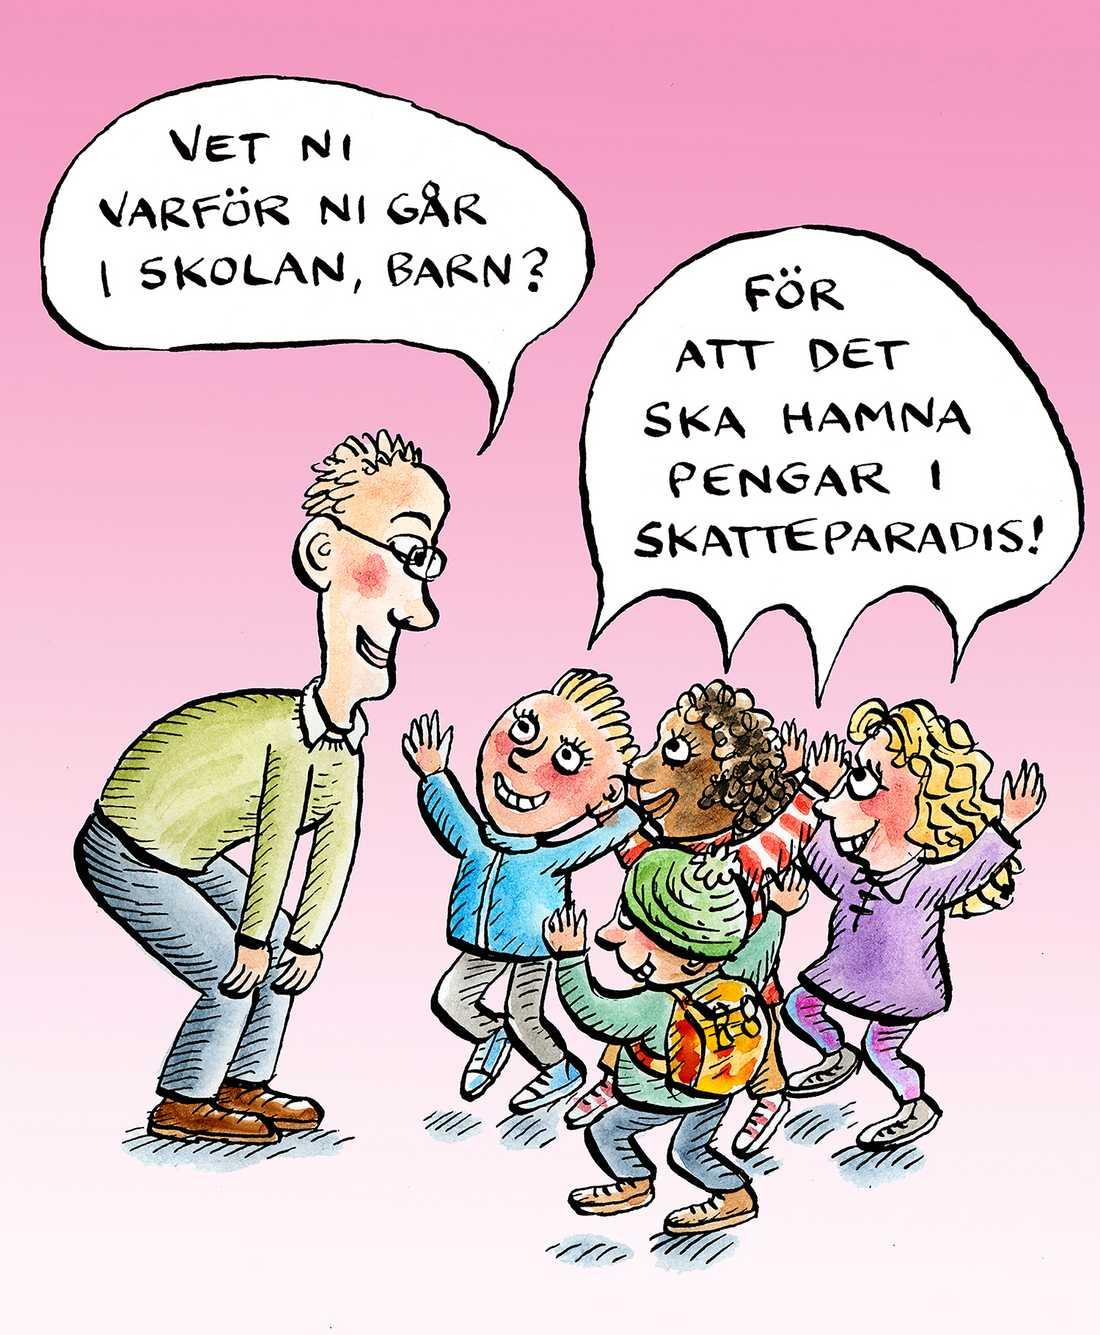 Pengar Svensk skola har stora brister, resultaten faller och skolsegregationen ökar. Ett första steg är då rimligen att stoppa läckaget av pengar ur verksamheten.